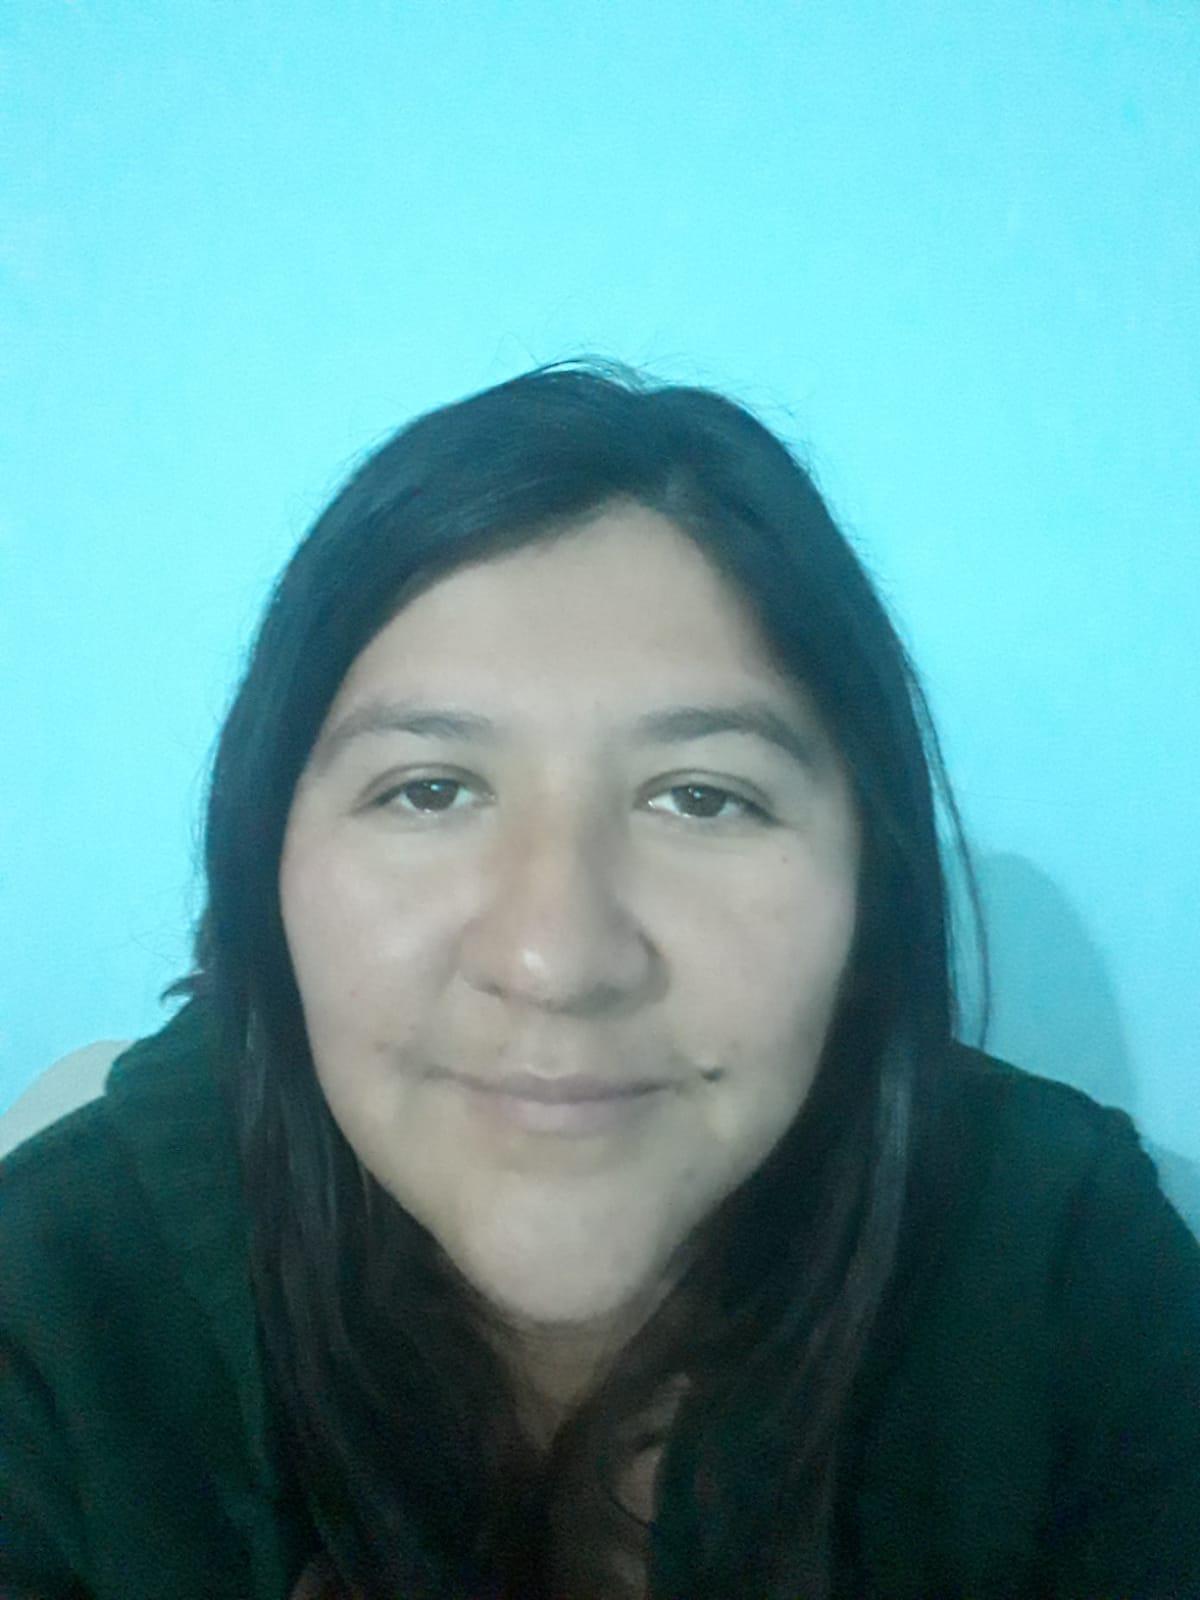 Liz marilda Limpieza en Malvinas Argentinas (BA)